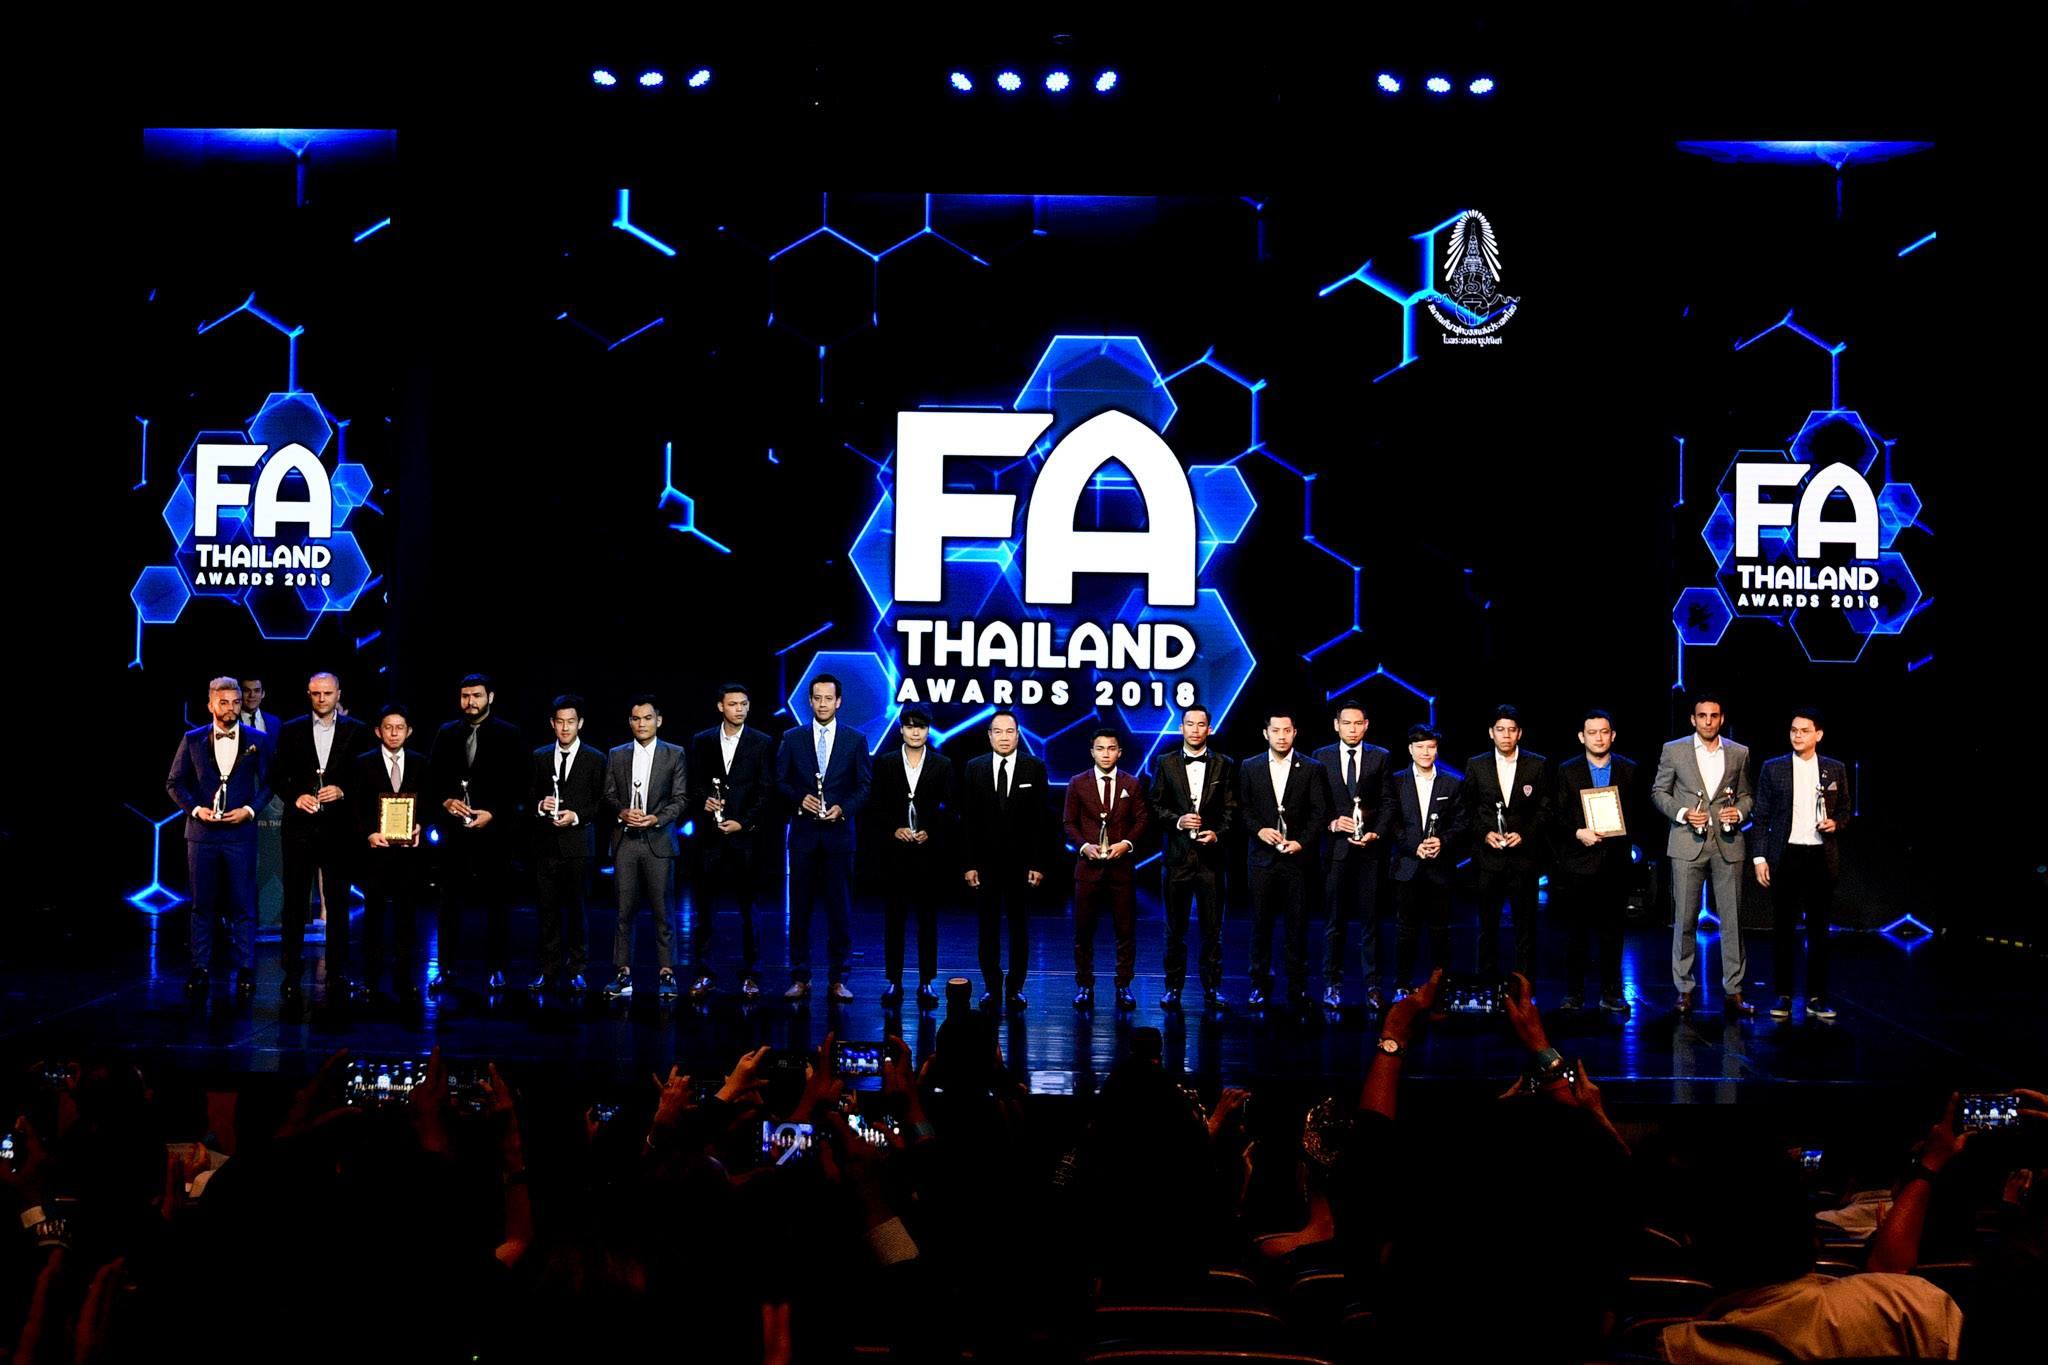 FA THAILAND Awards 2018